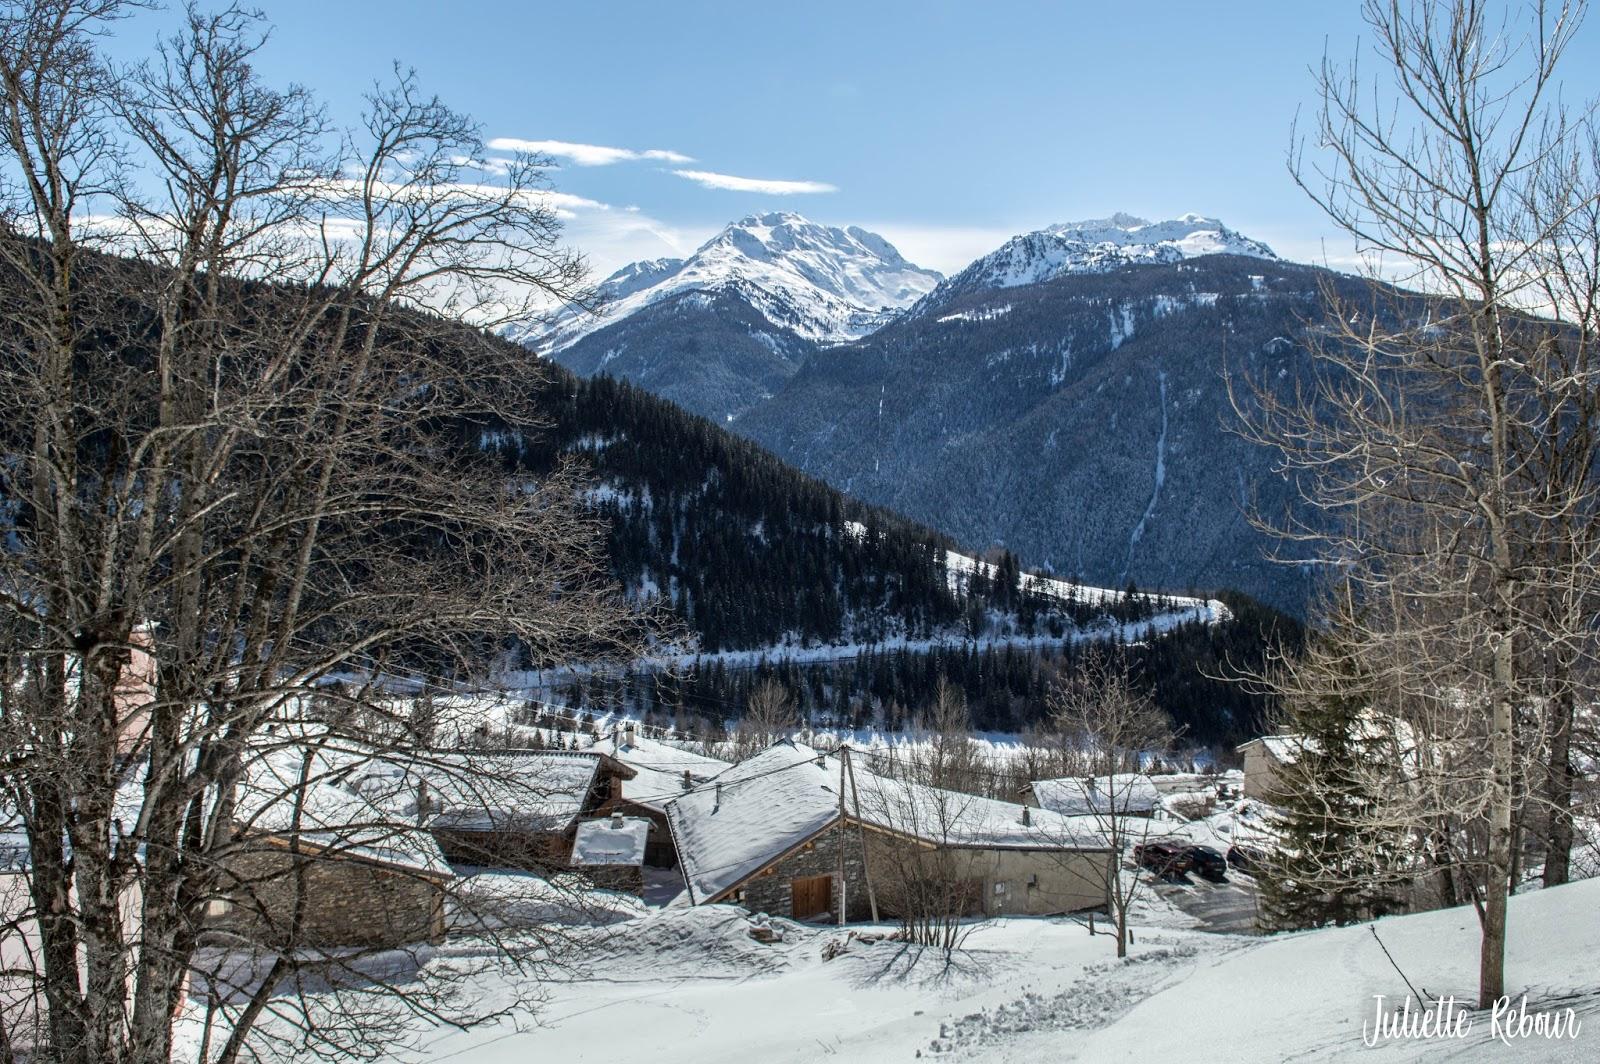 Randonnée - Sentier des Boëdets (Savoie)